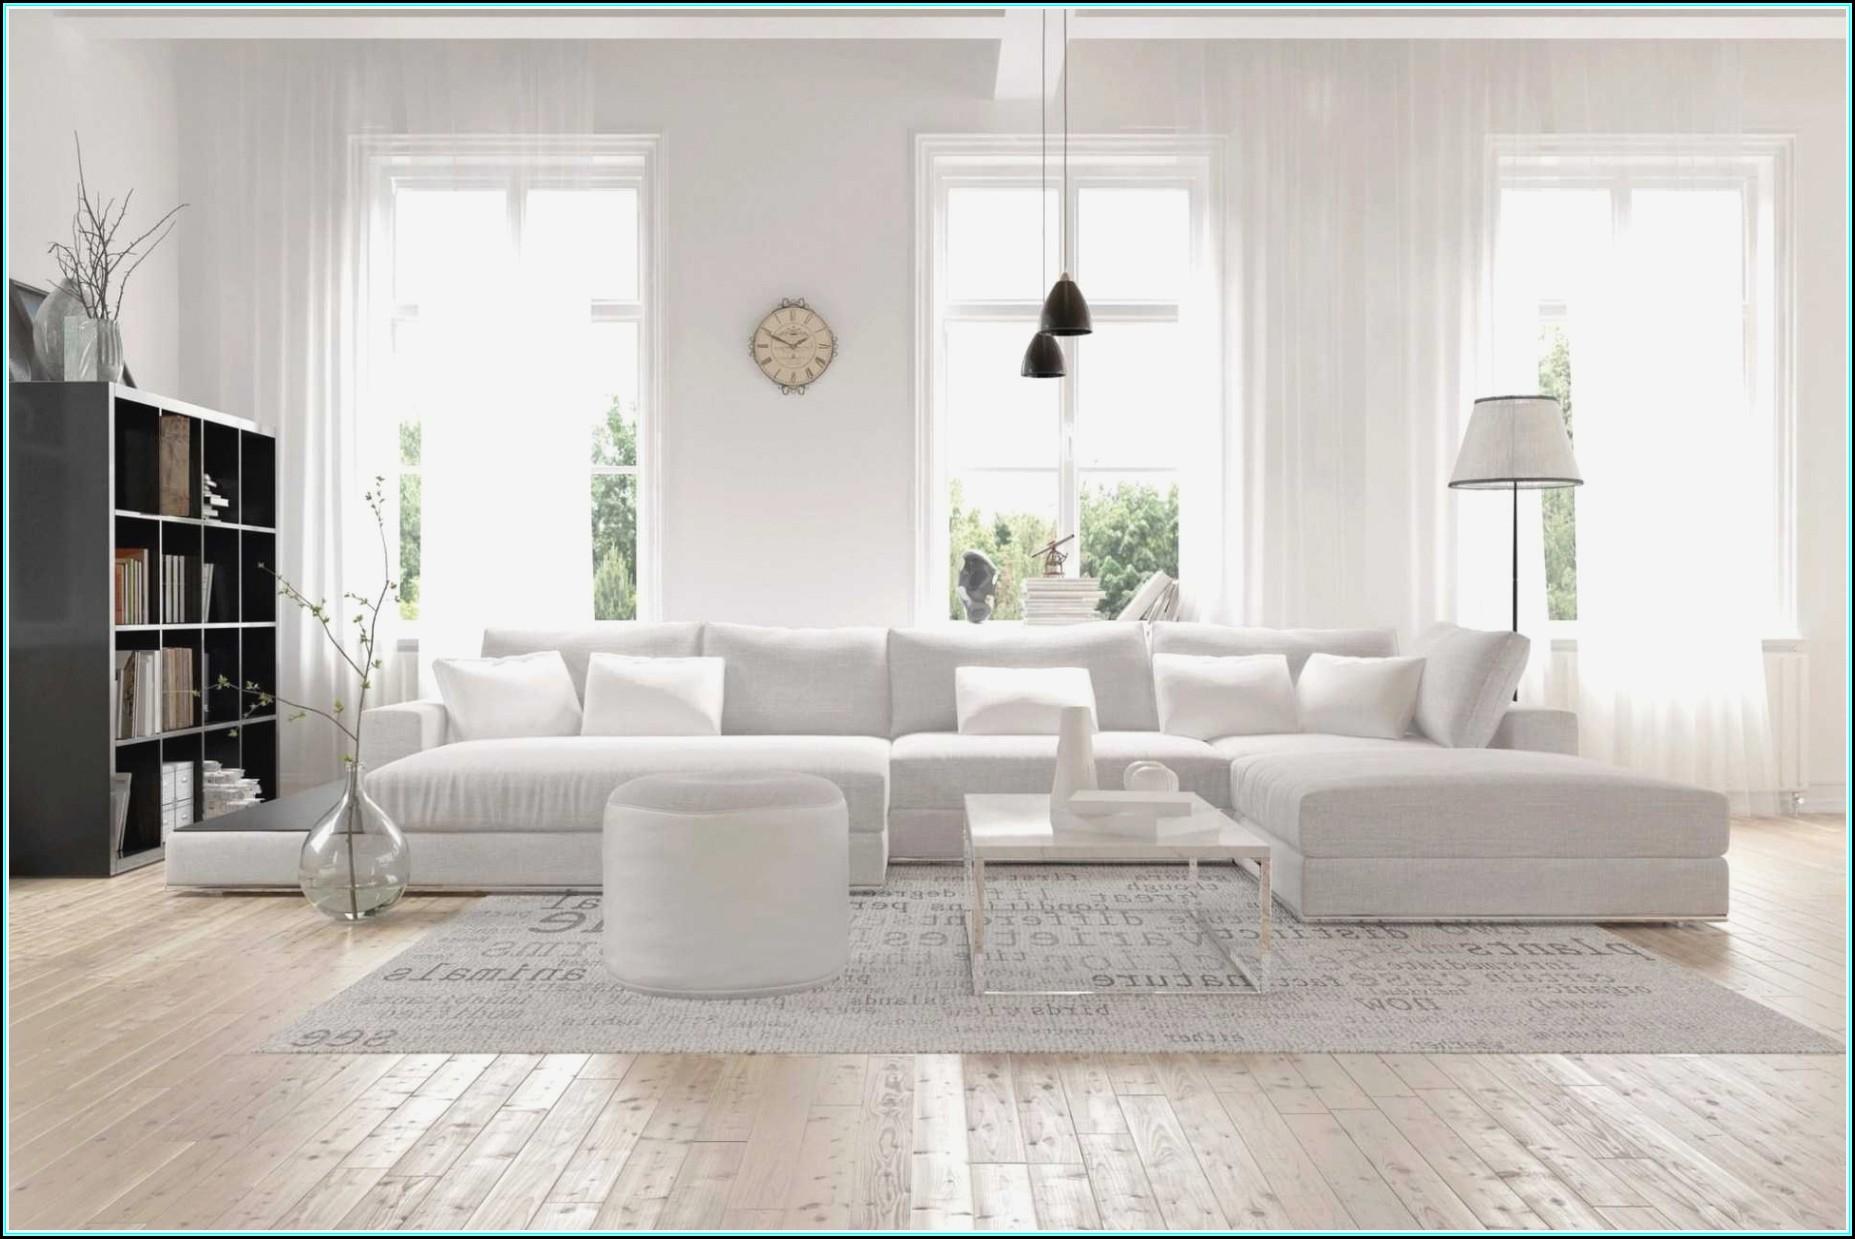 Ideen Für Büro Im Wohnzimmer - wohnzimmer : House und ...